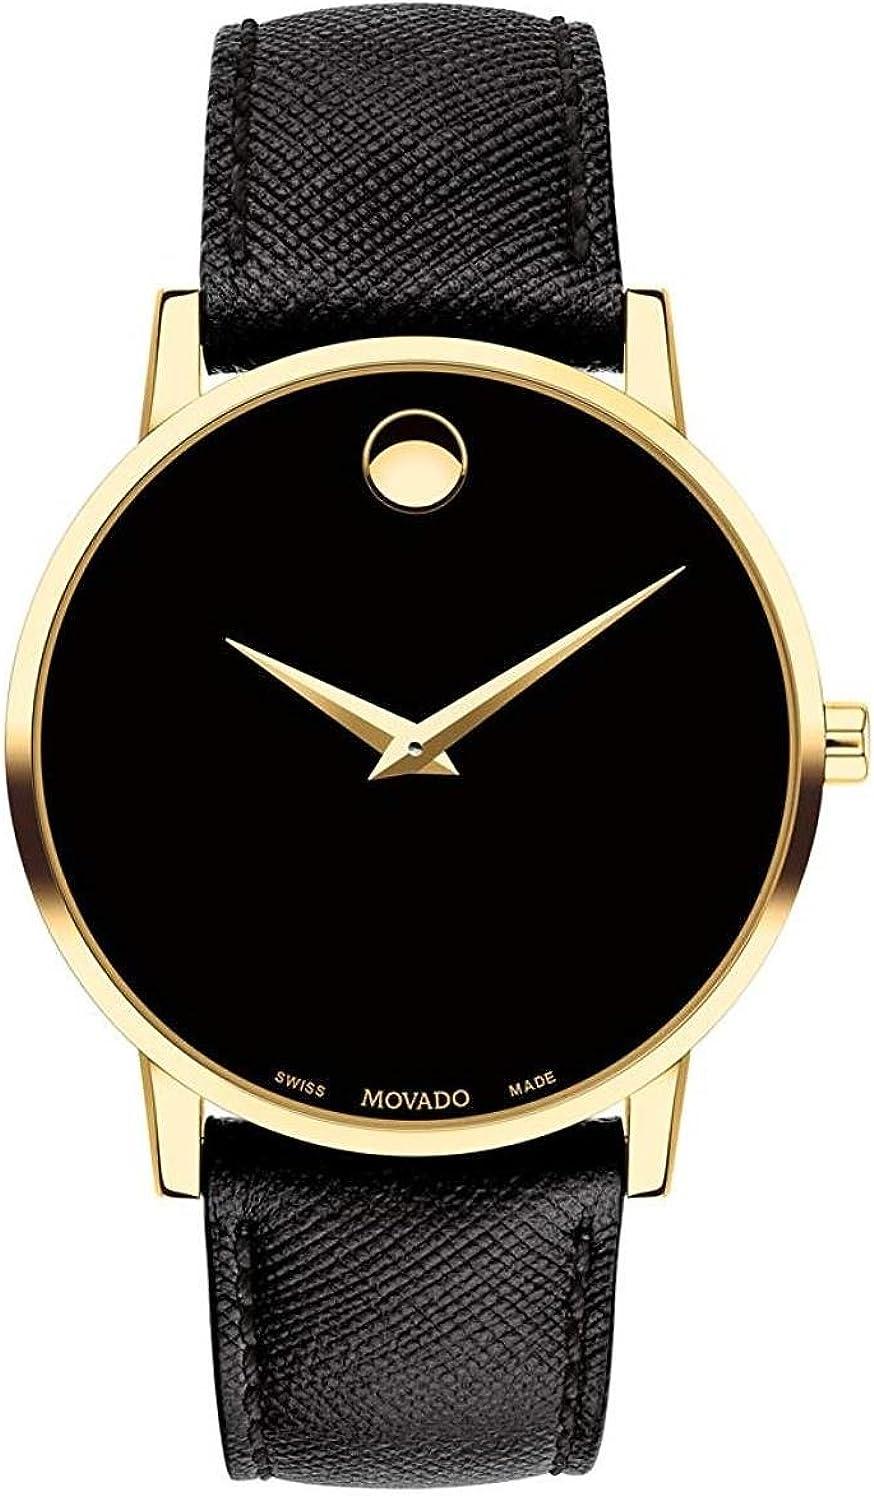 Movado Museum Classic Reloj de Hombre Cuarzo 40mm Correa de Cuero 0607195